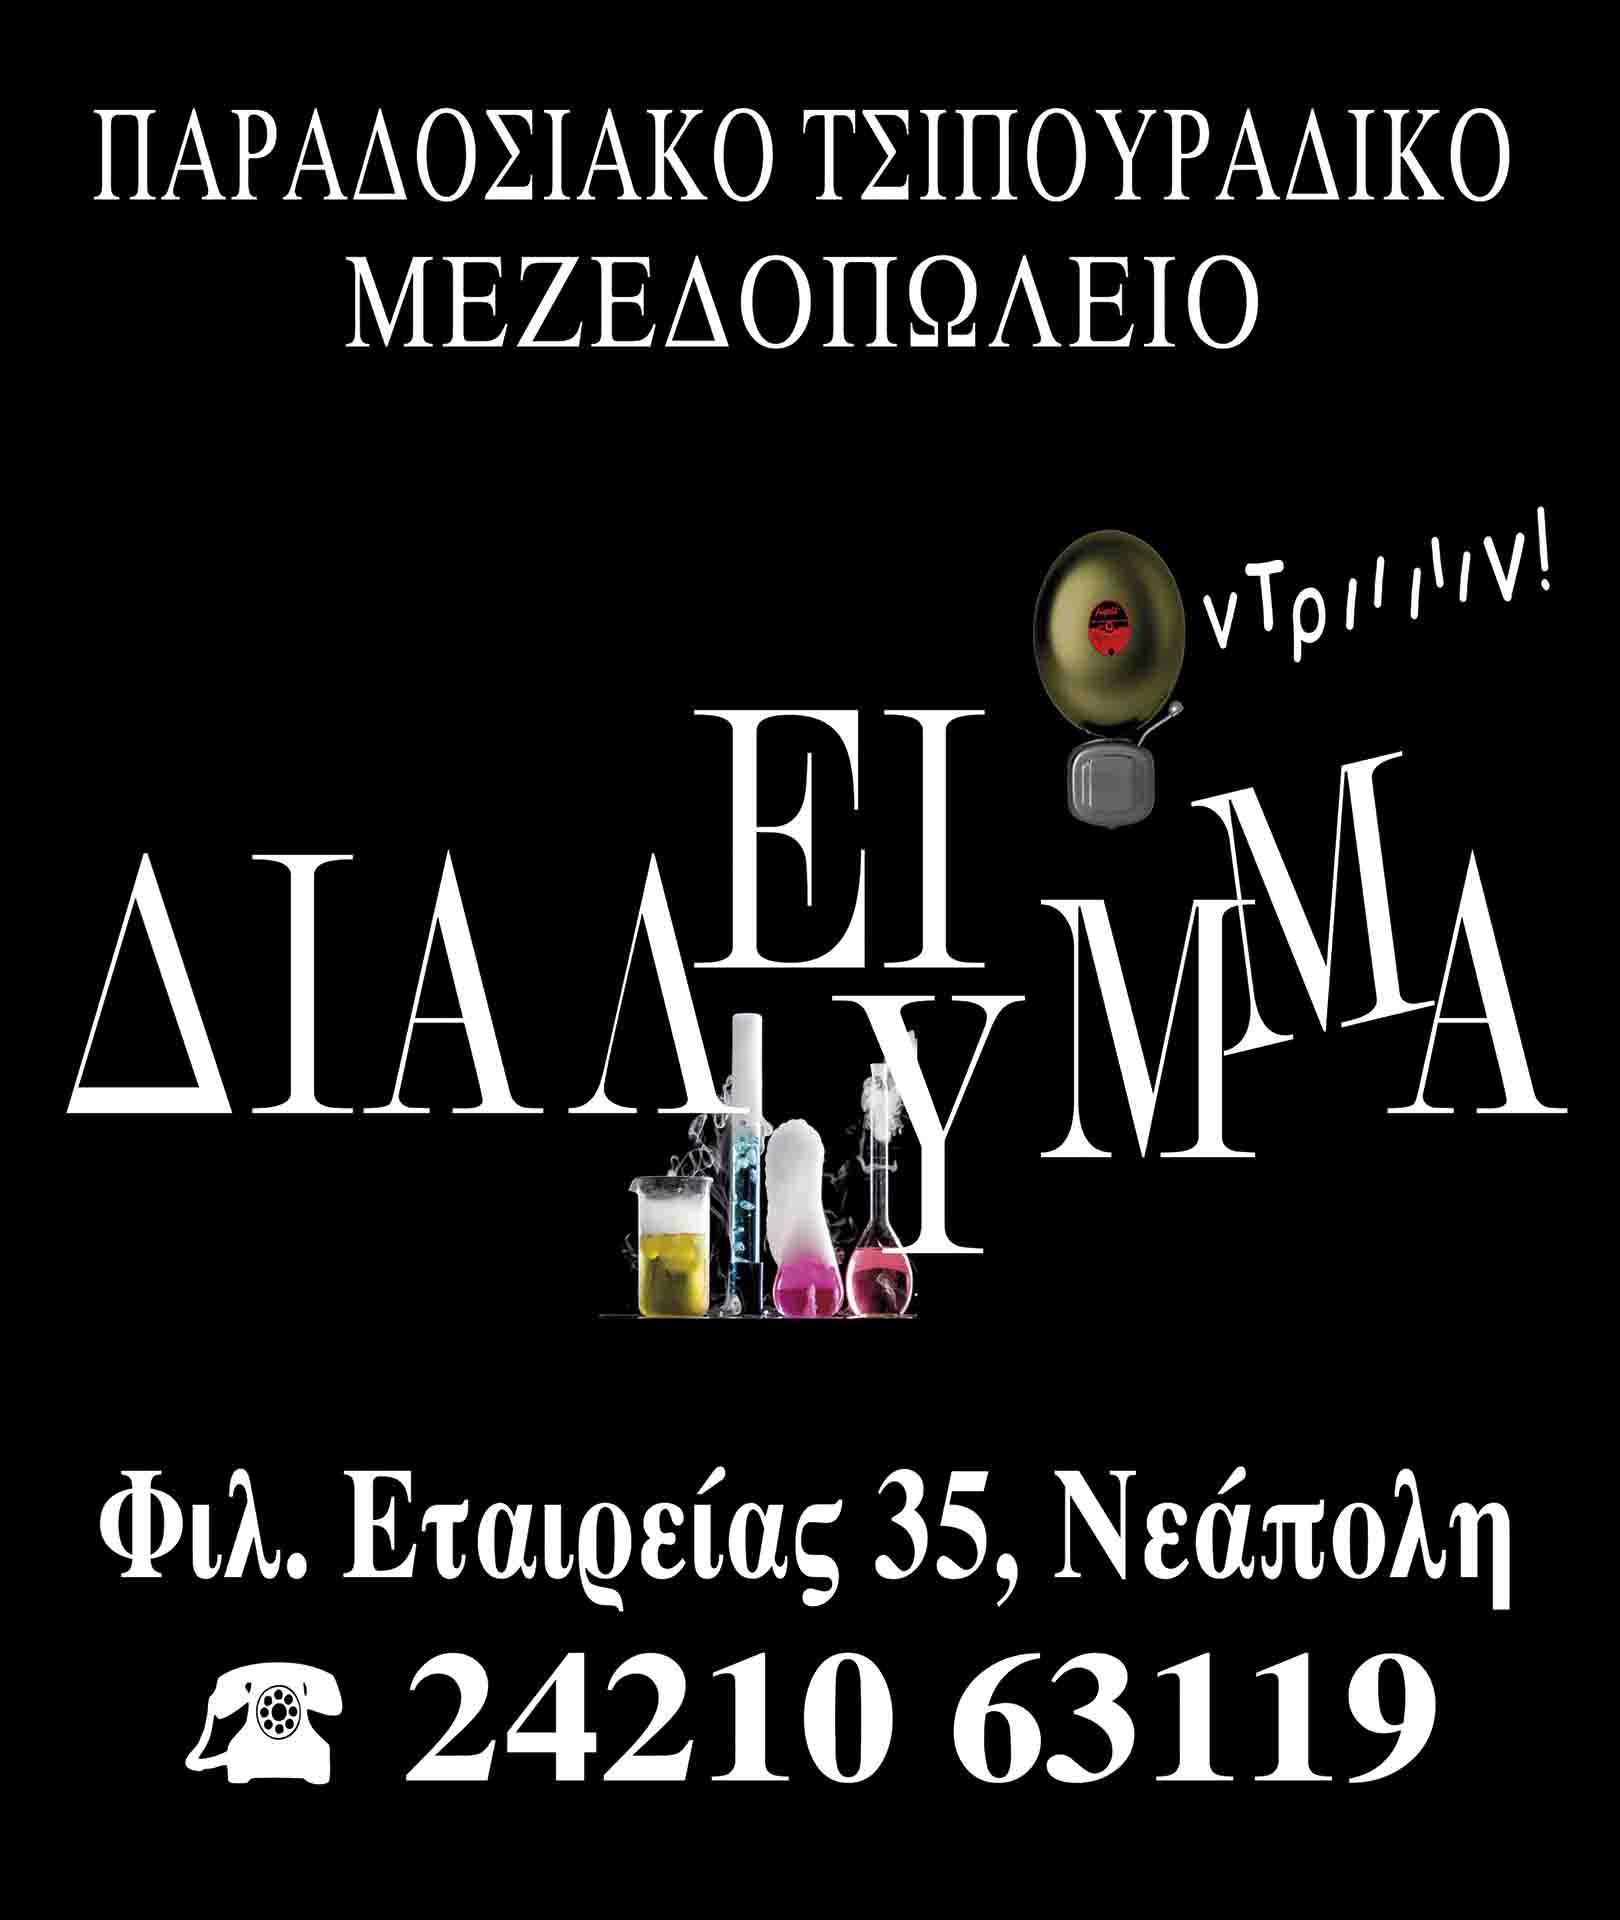 ΤΣΙΠΟΥΡΑΔΙΚΟ ΔΙΑΛΕΙΜΜΑ